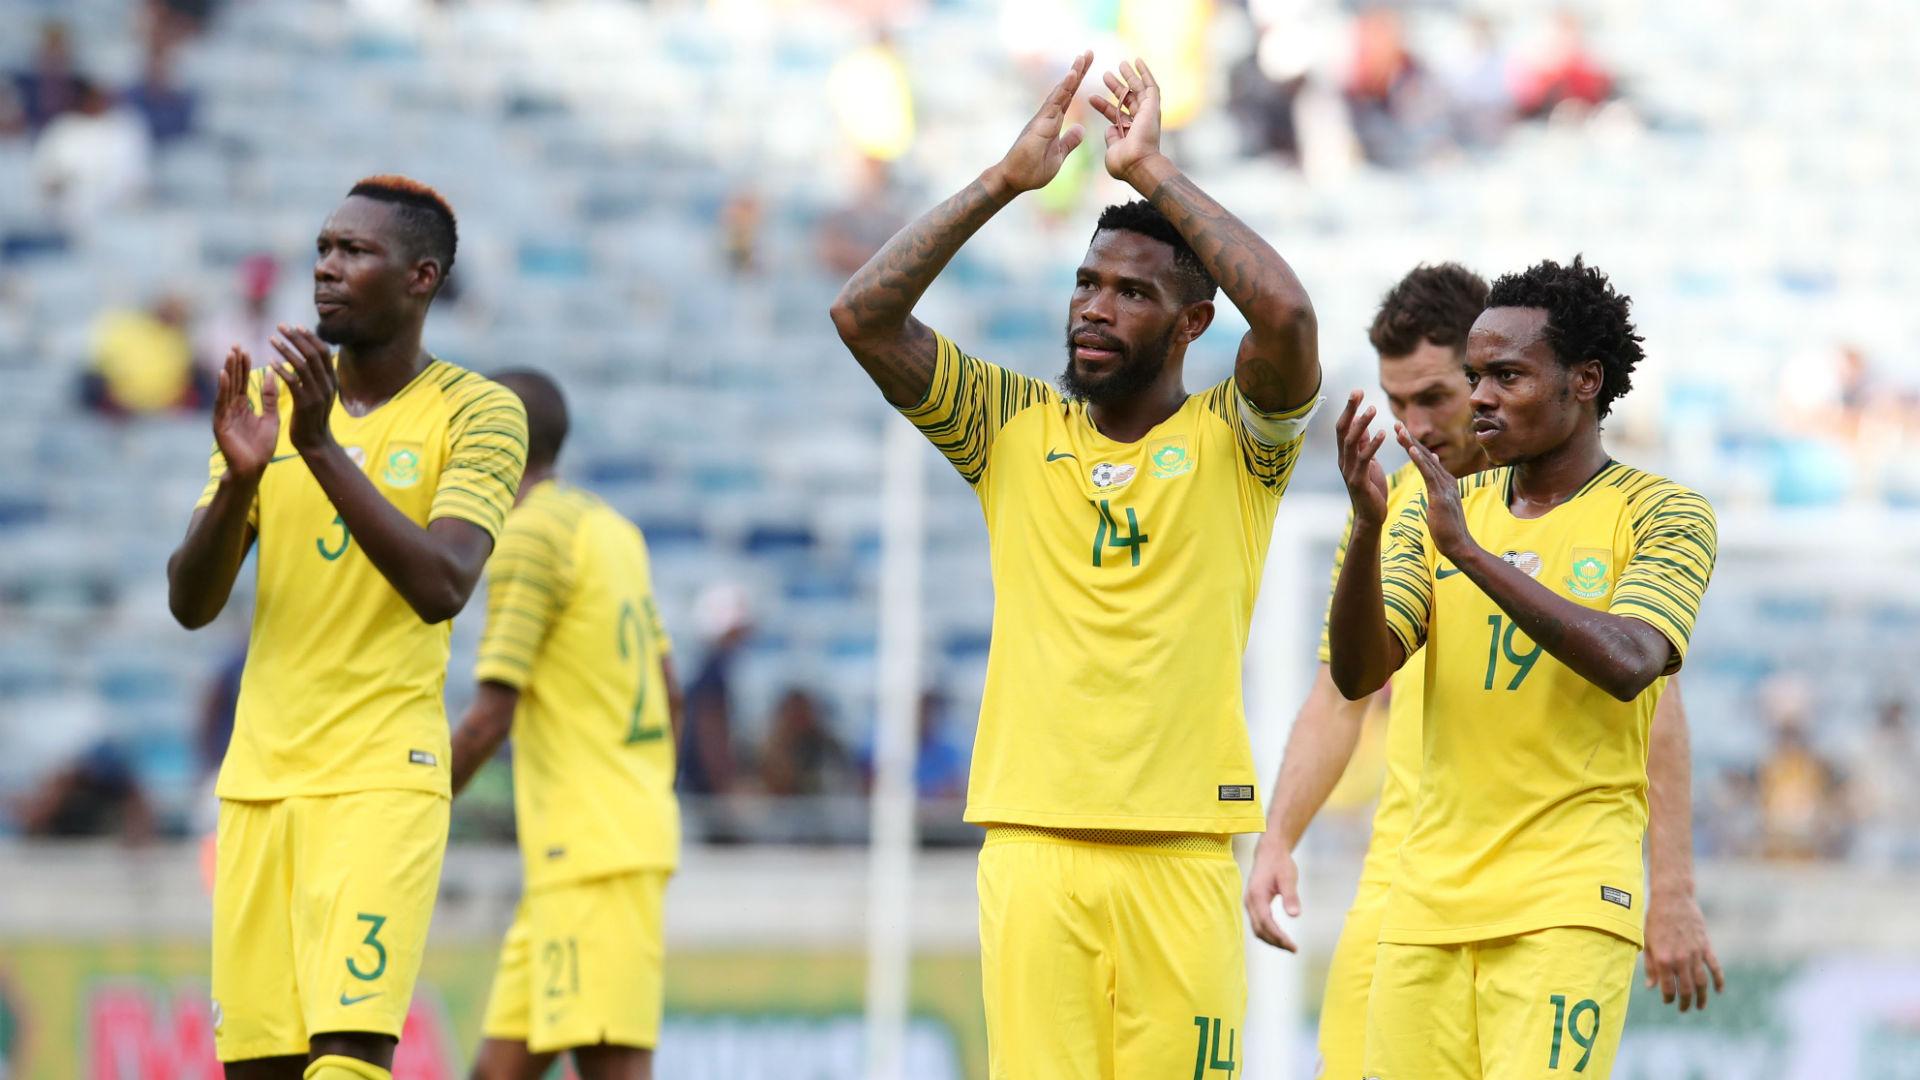 World Cup qualifying: Bafana Bafana must target revenge against Ghana - Mokoena